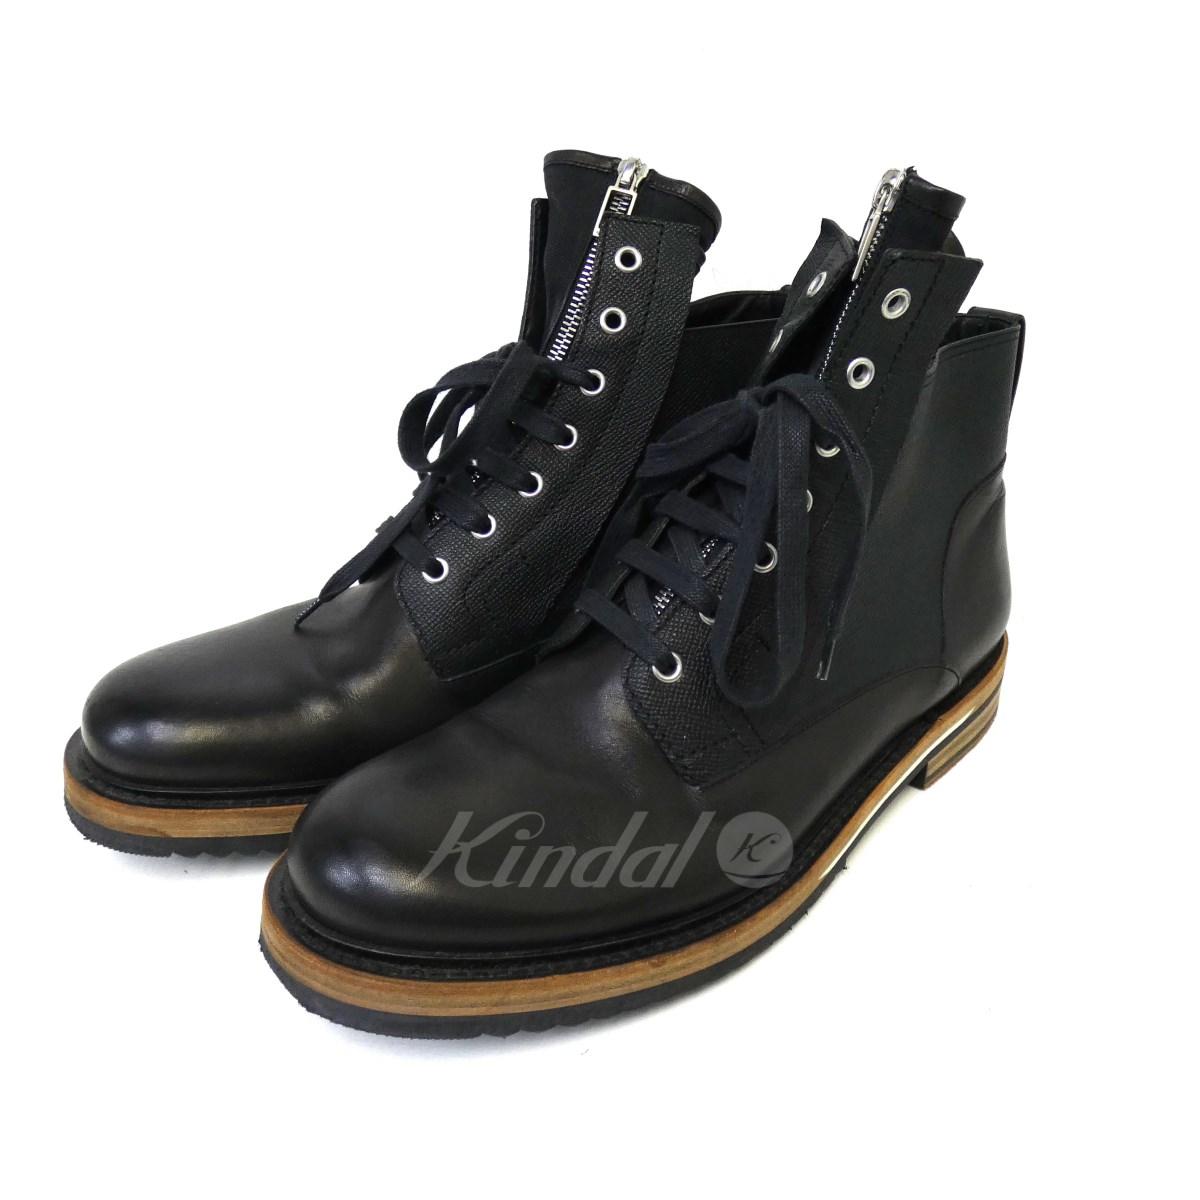 【中古】Dior Homme 12SS コンビレザーセンタージップブーツ ブラック サイズ:44 【送料無料】 【140718】(ディオールオム)